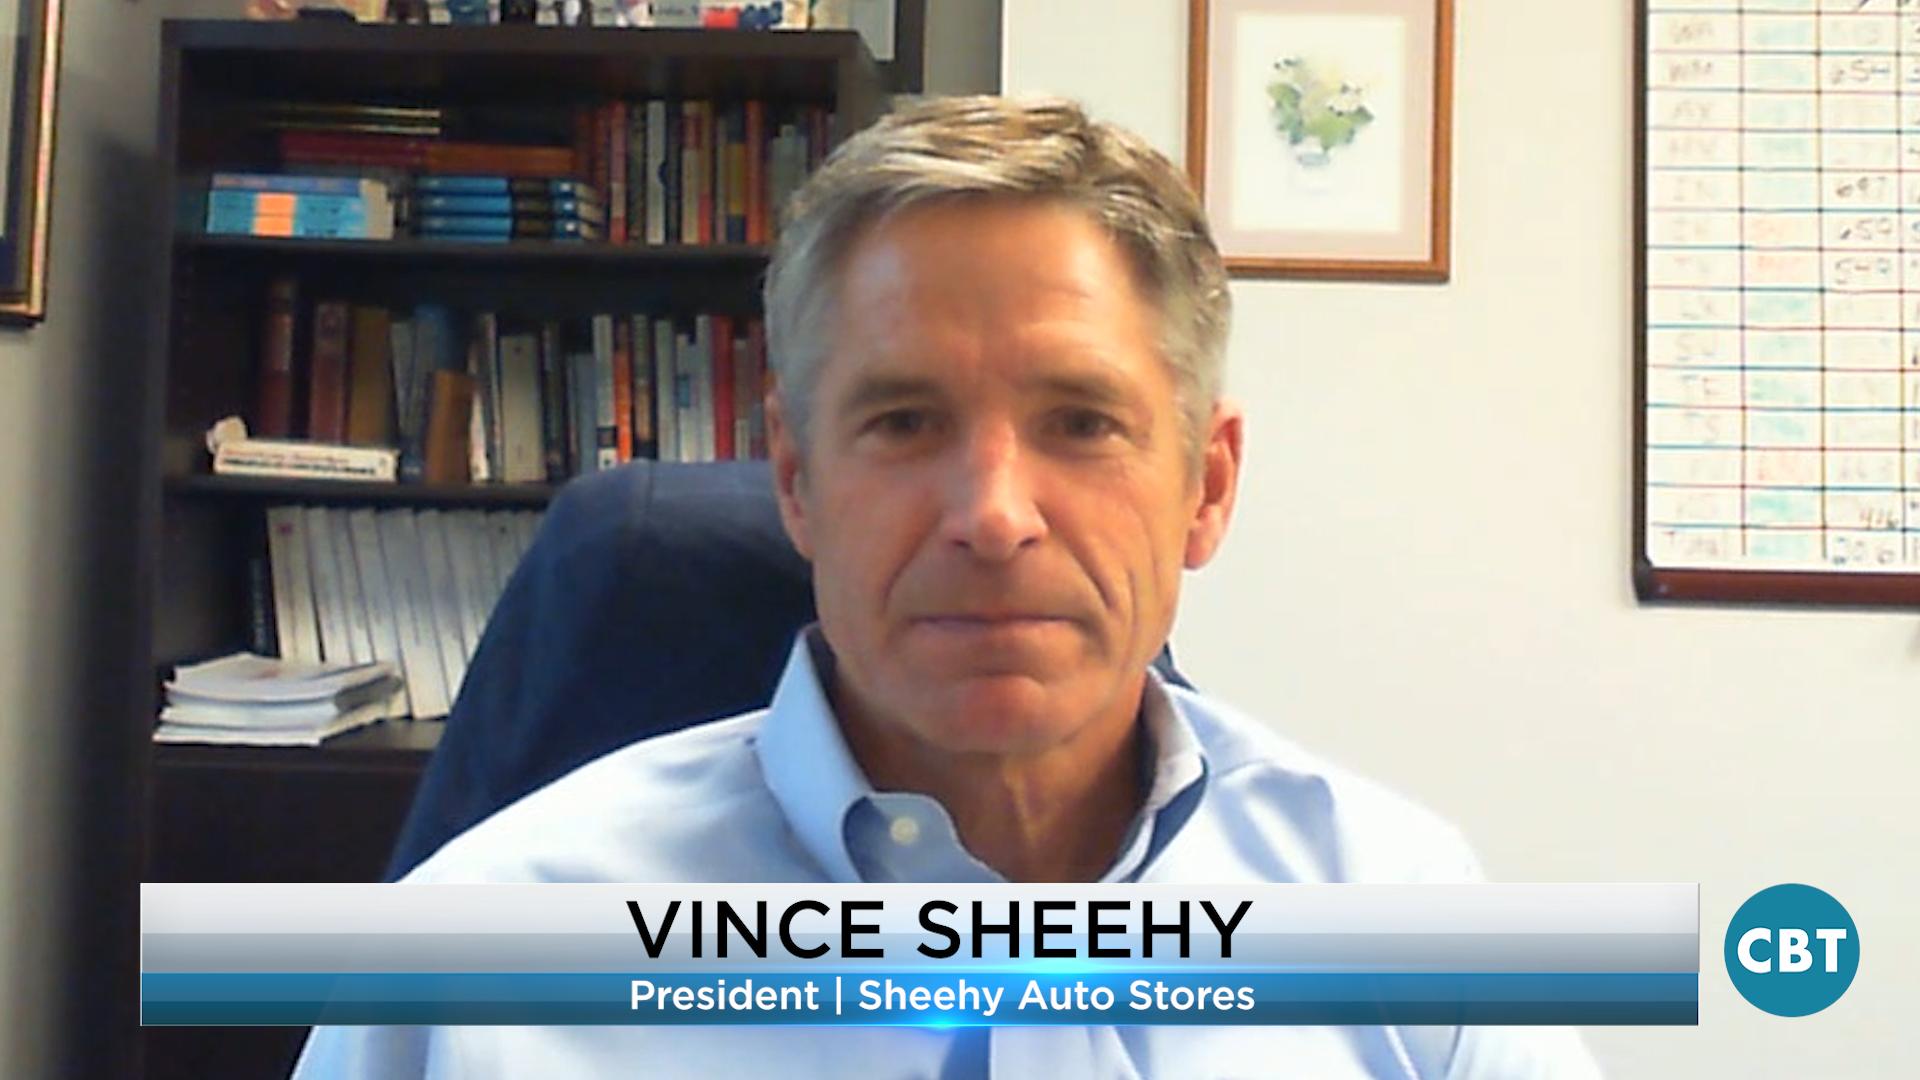 Vince Sheehy